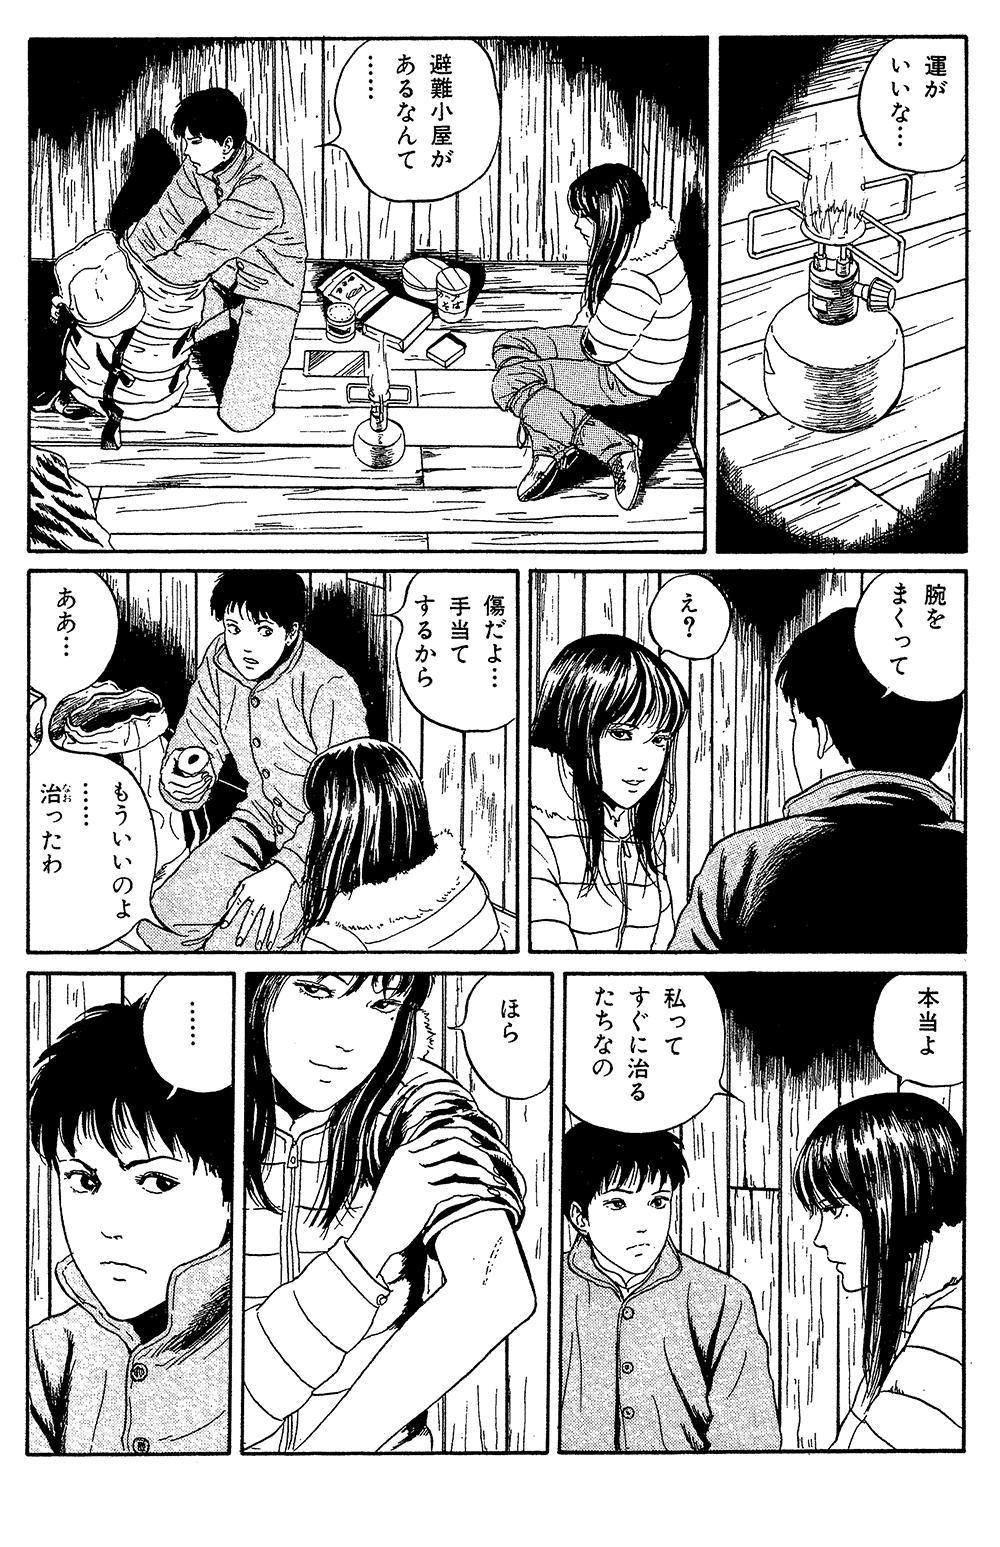 伊藤潤二傑作集 第7話「富江・復讐」2itouj24-0296.jpg